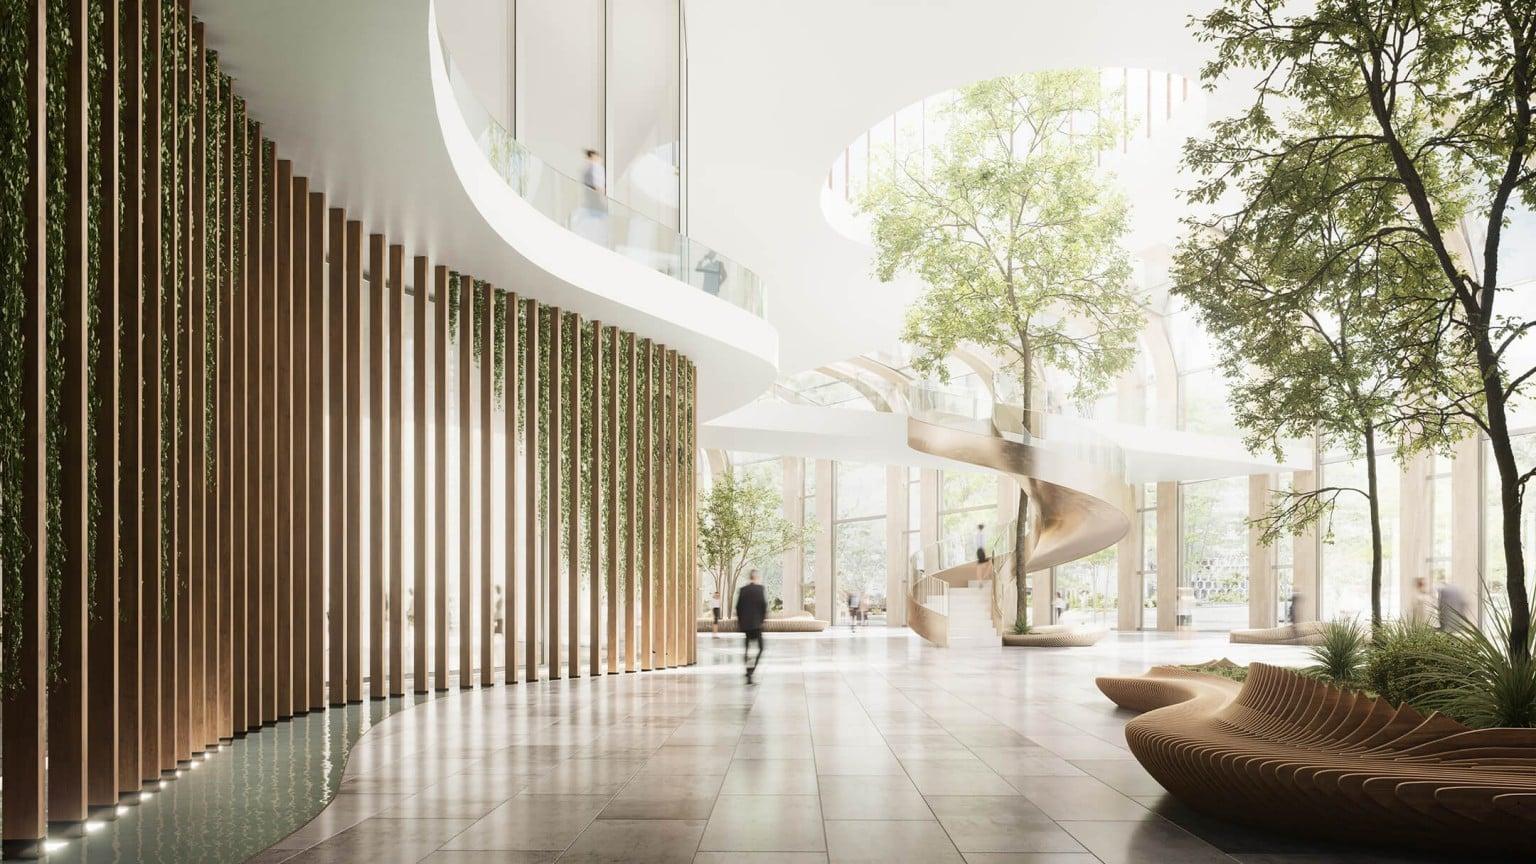 Visão de uma área externa e uma pessoa - Arquiteto: promova de maneira inteligente seus serviços com a visualização 3D